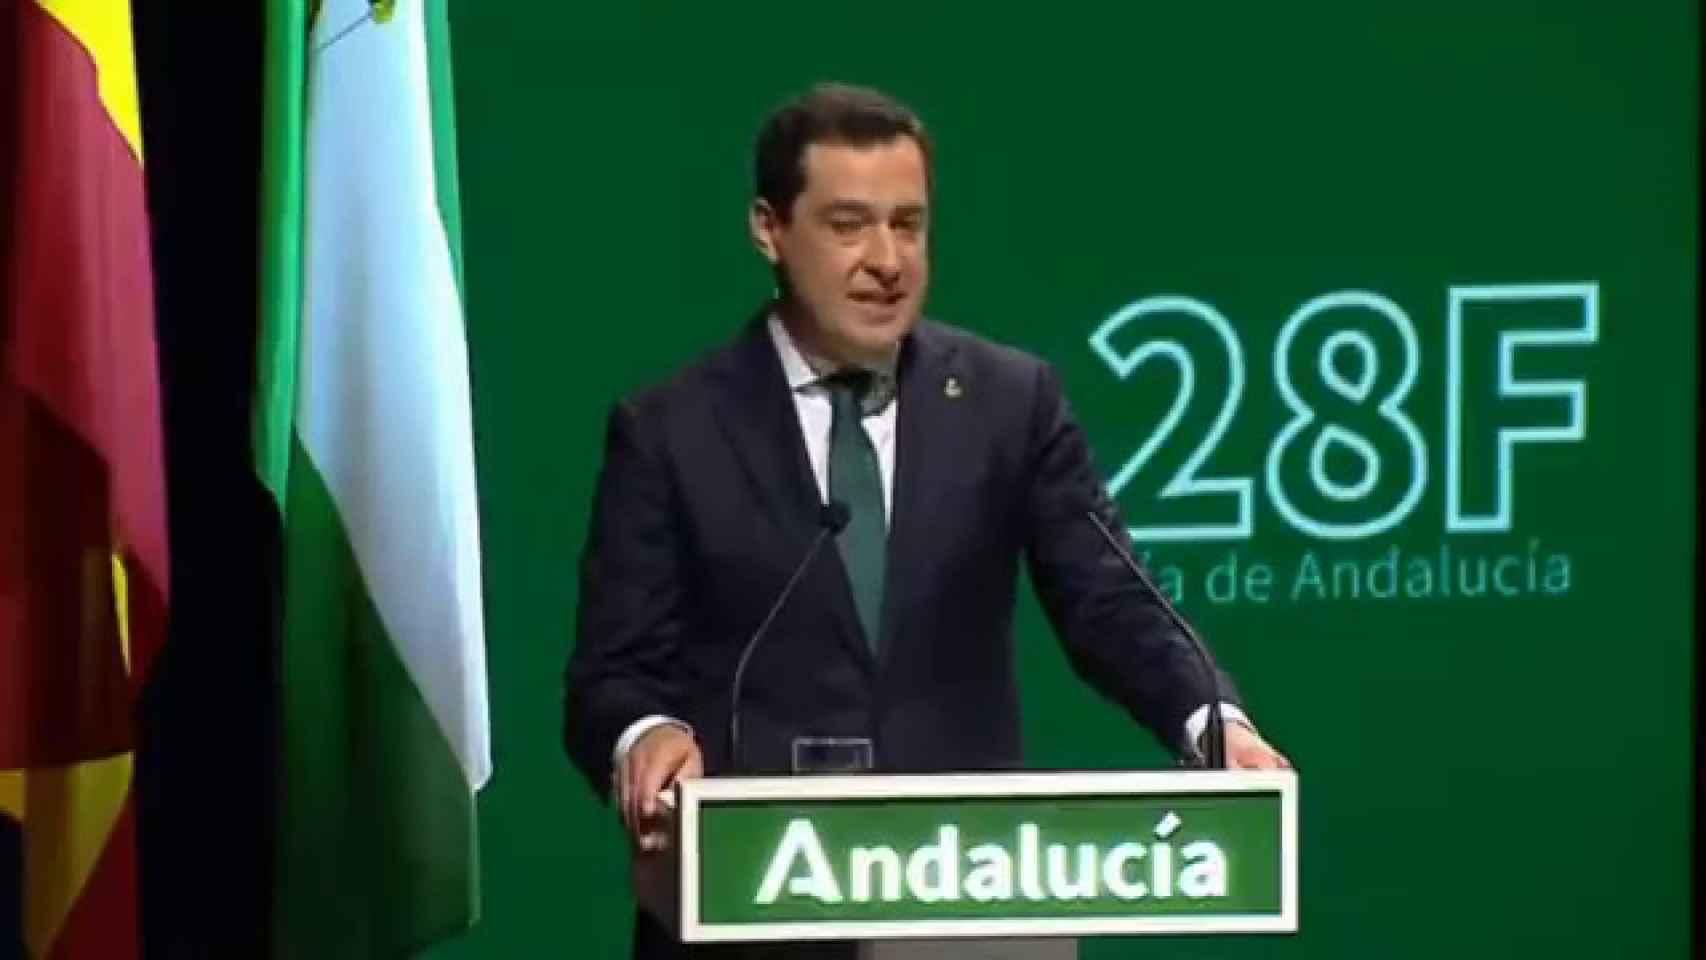 Las lágrimas de Juanma Moreno en el día de Andalucía más duro